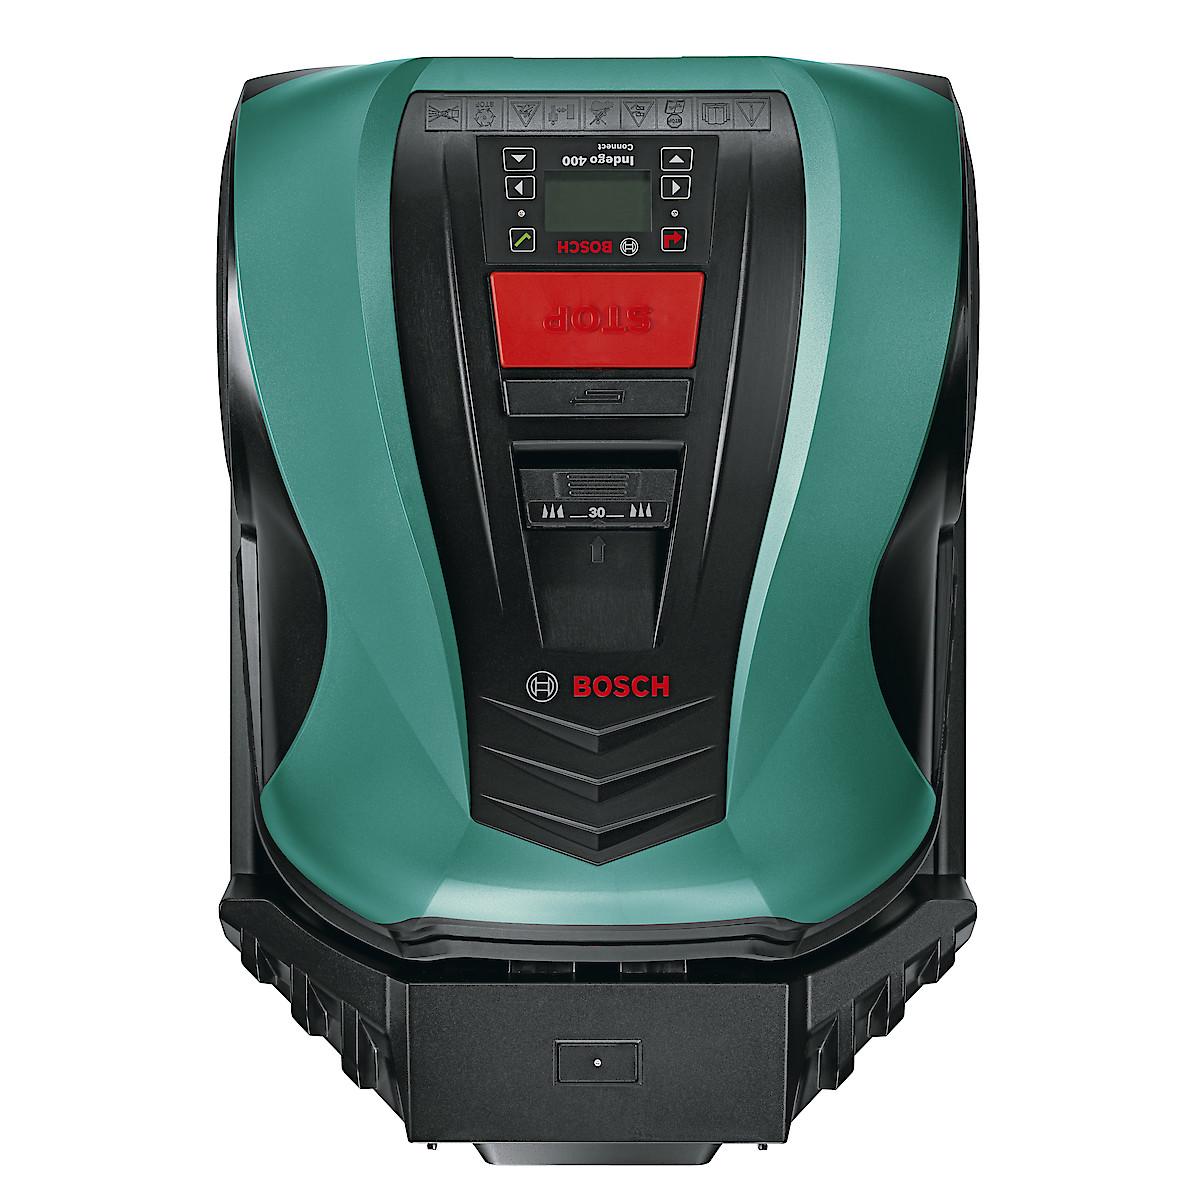 Robottiruohonleikkuri Bosch Indego 400 Connect